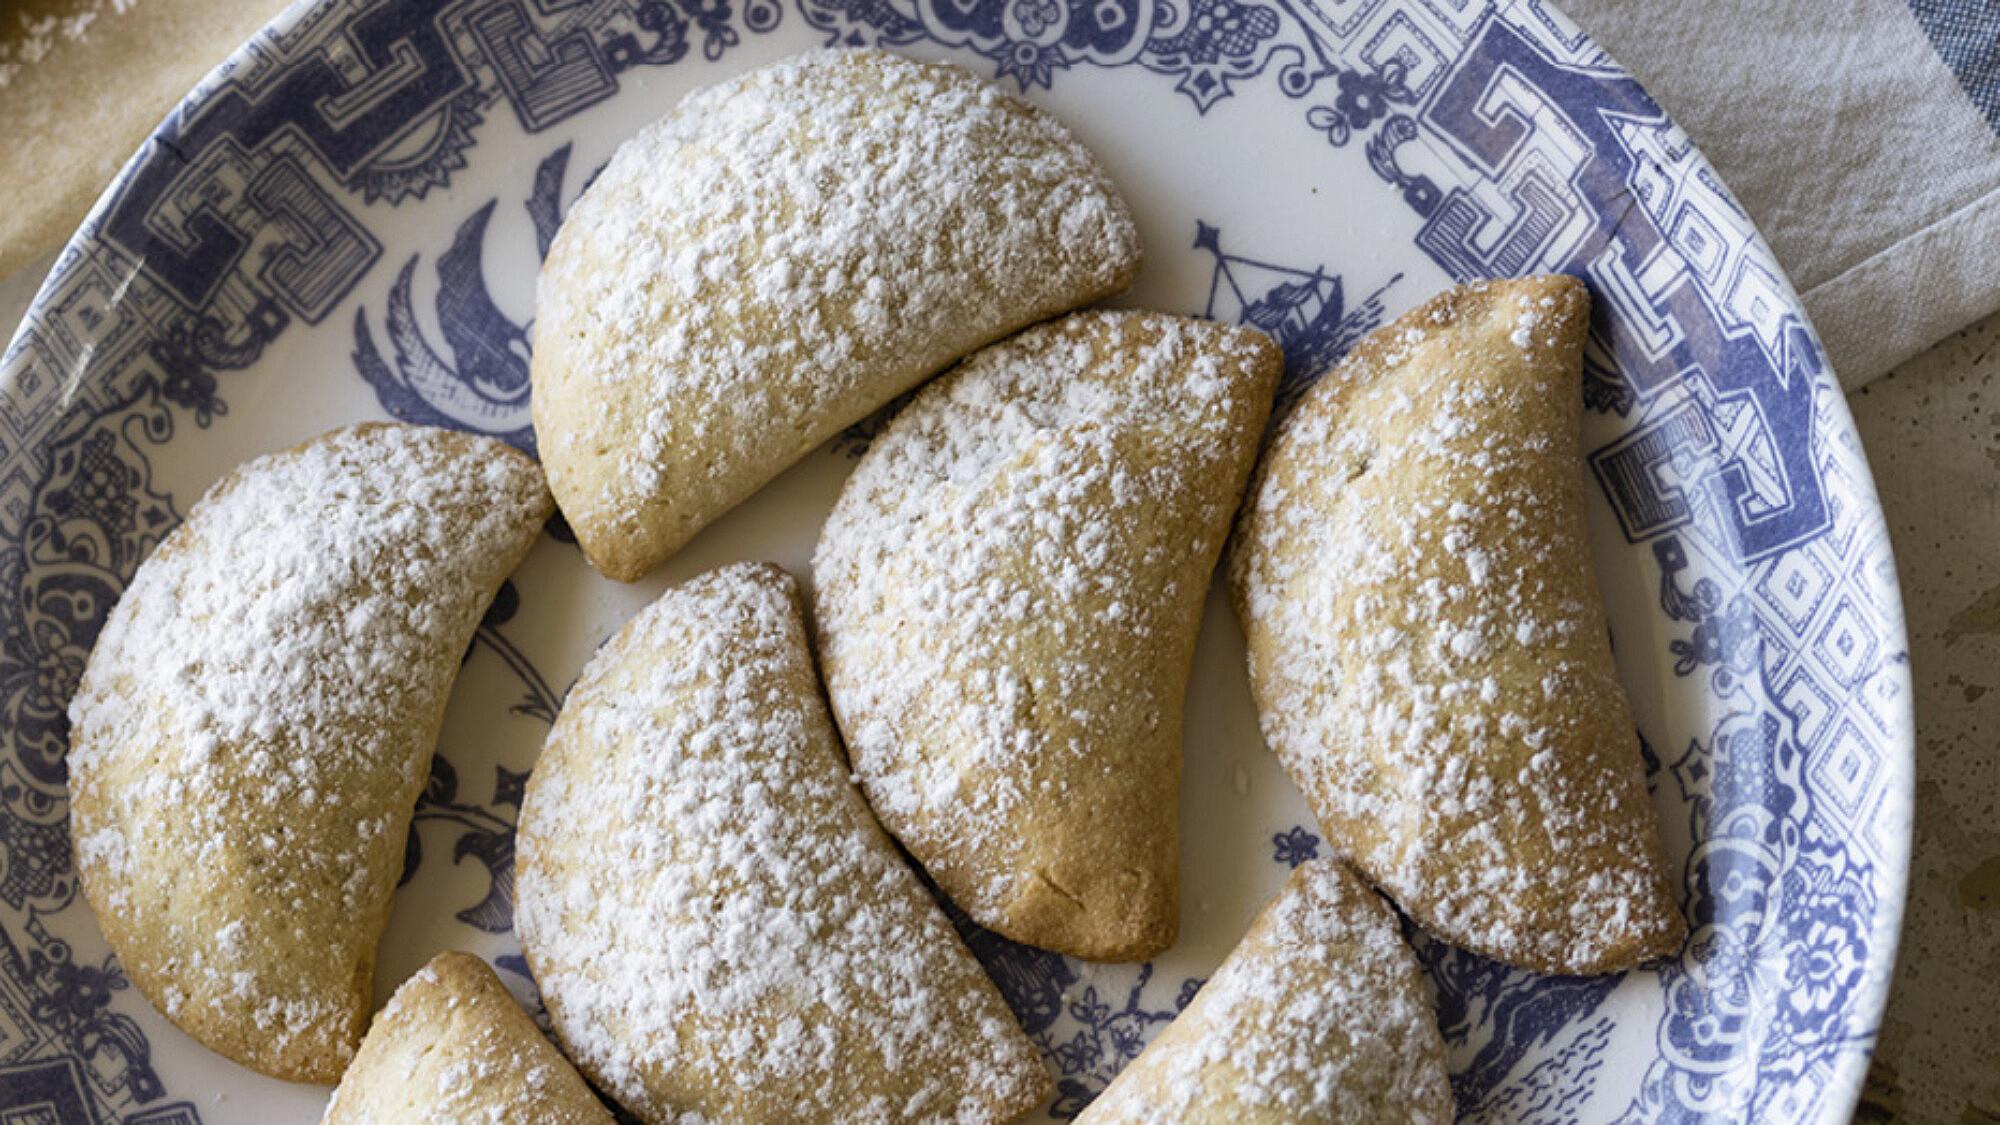 עוגיות רביולי במילוי מרציפן פיסטוק של קרן אגם. צילום: קרן אגם